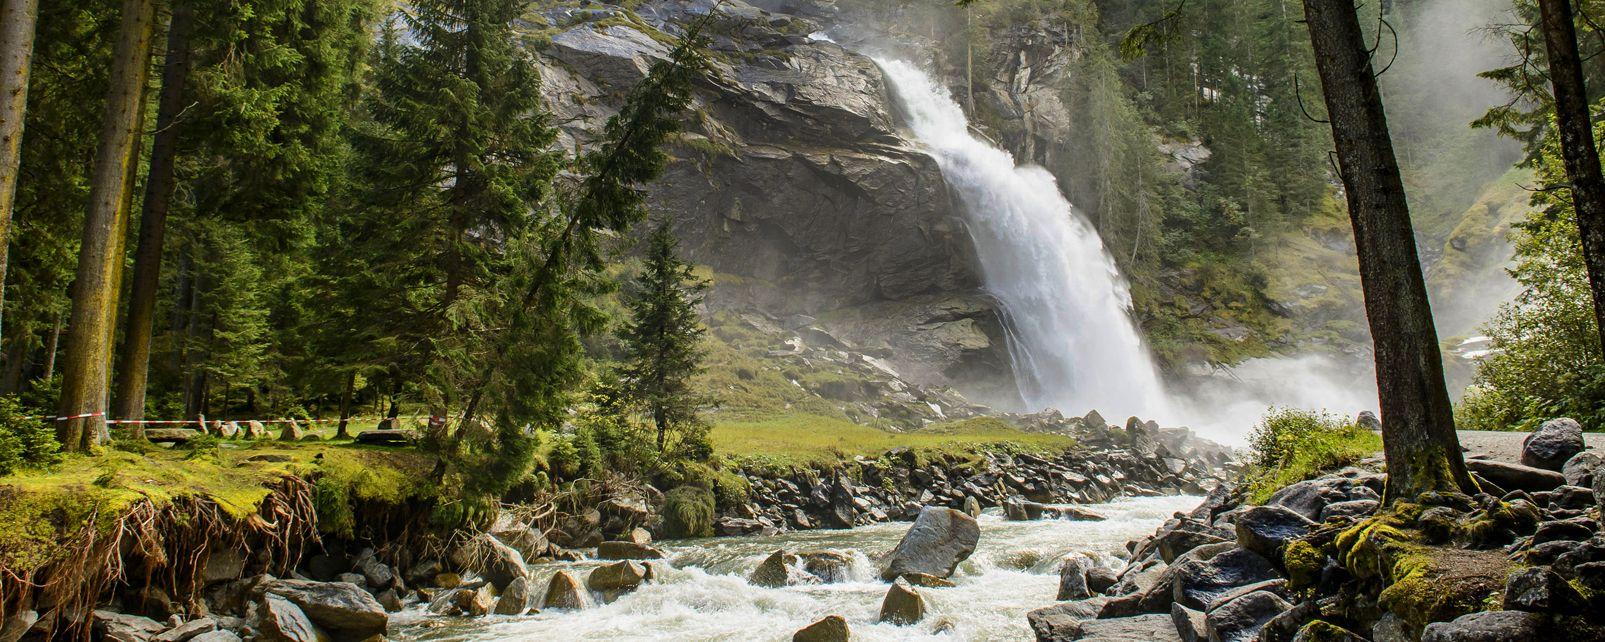 Die Krimml-Fälle , Die Wasserfälle in Krimml liegen im Zillertal , Österreich